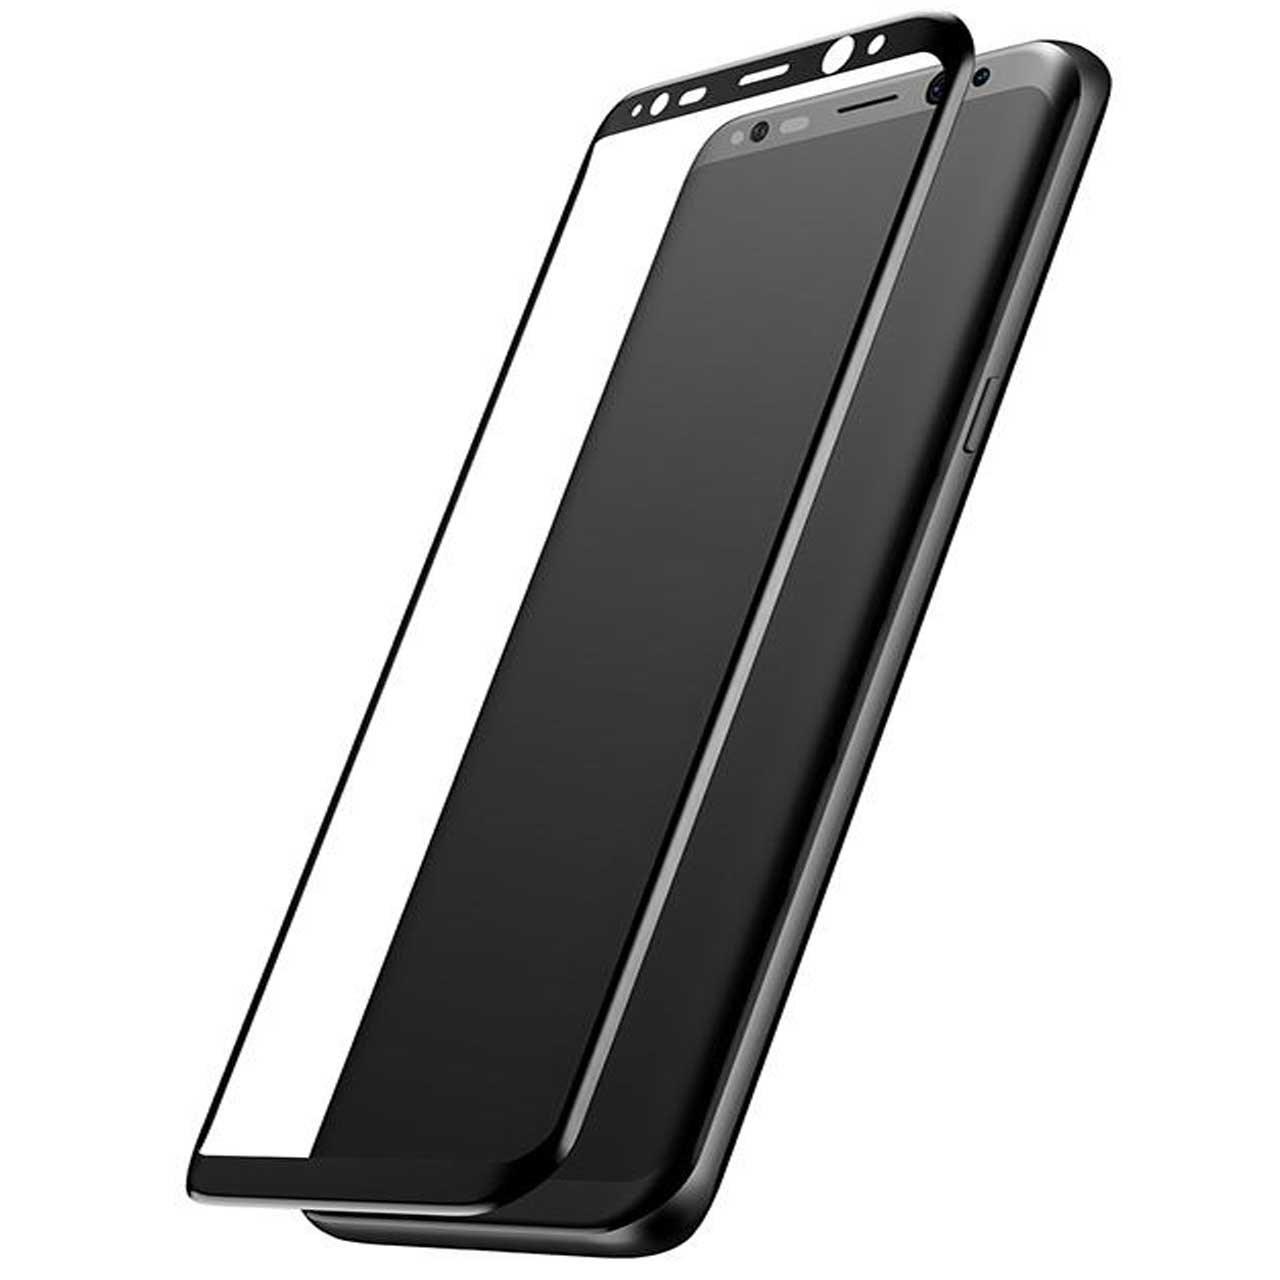 محافظ صفحه نمایش شیشه ای باسئوس مدل 3D Arc Tempered Glass مناسب برای گوشی موبایل سامسونگ گلکسی S8 Plus